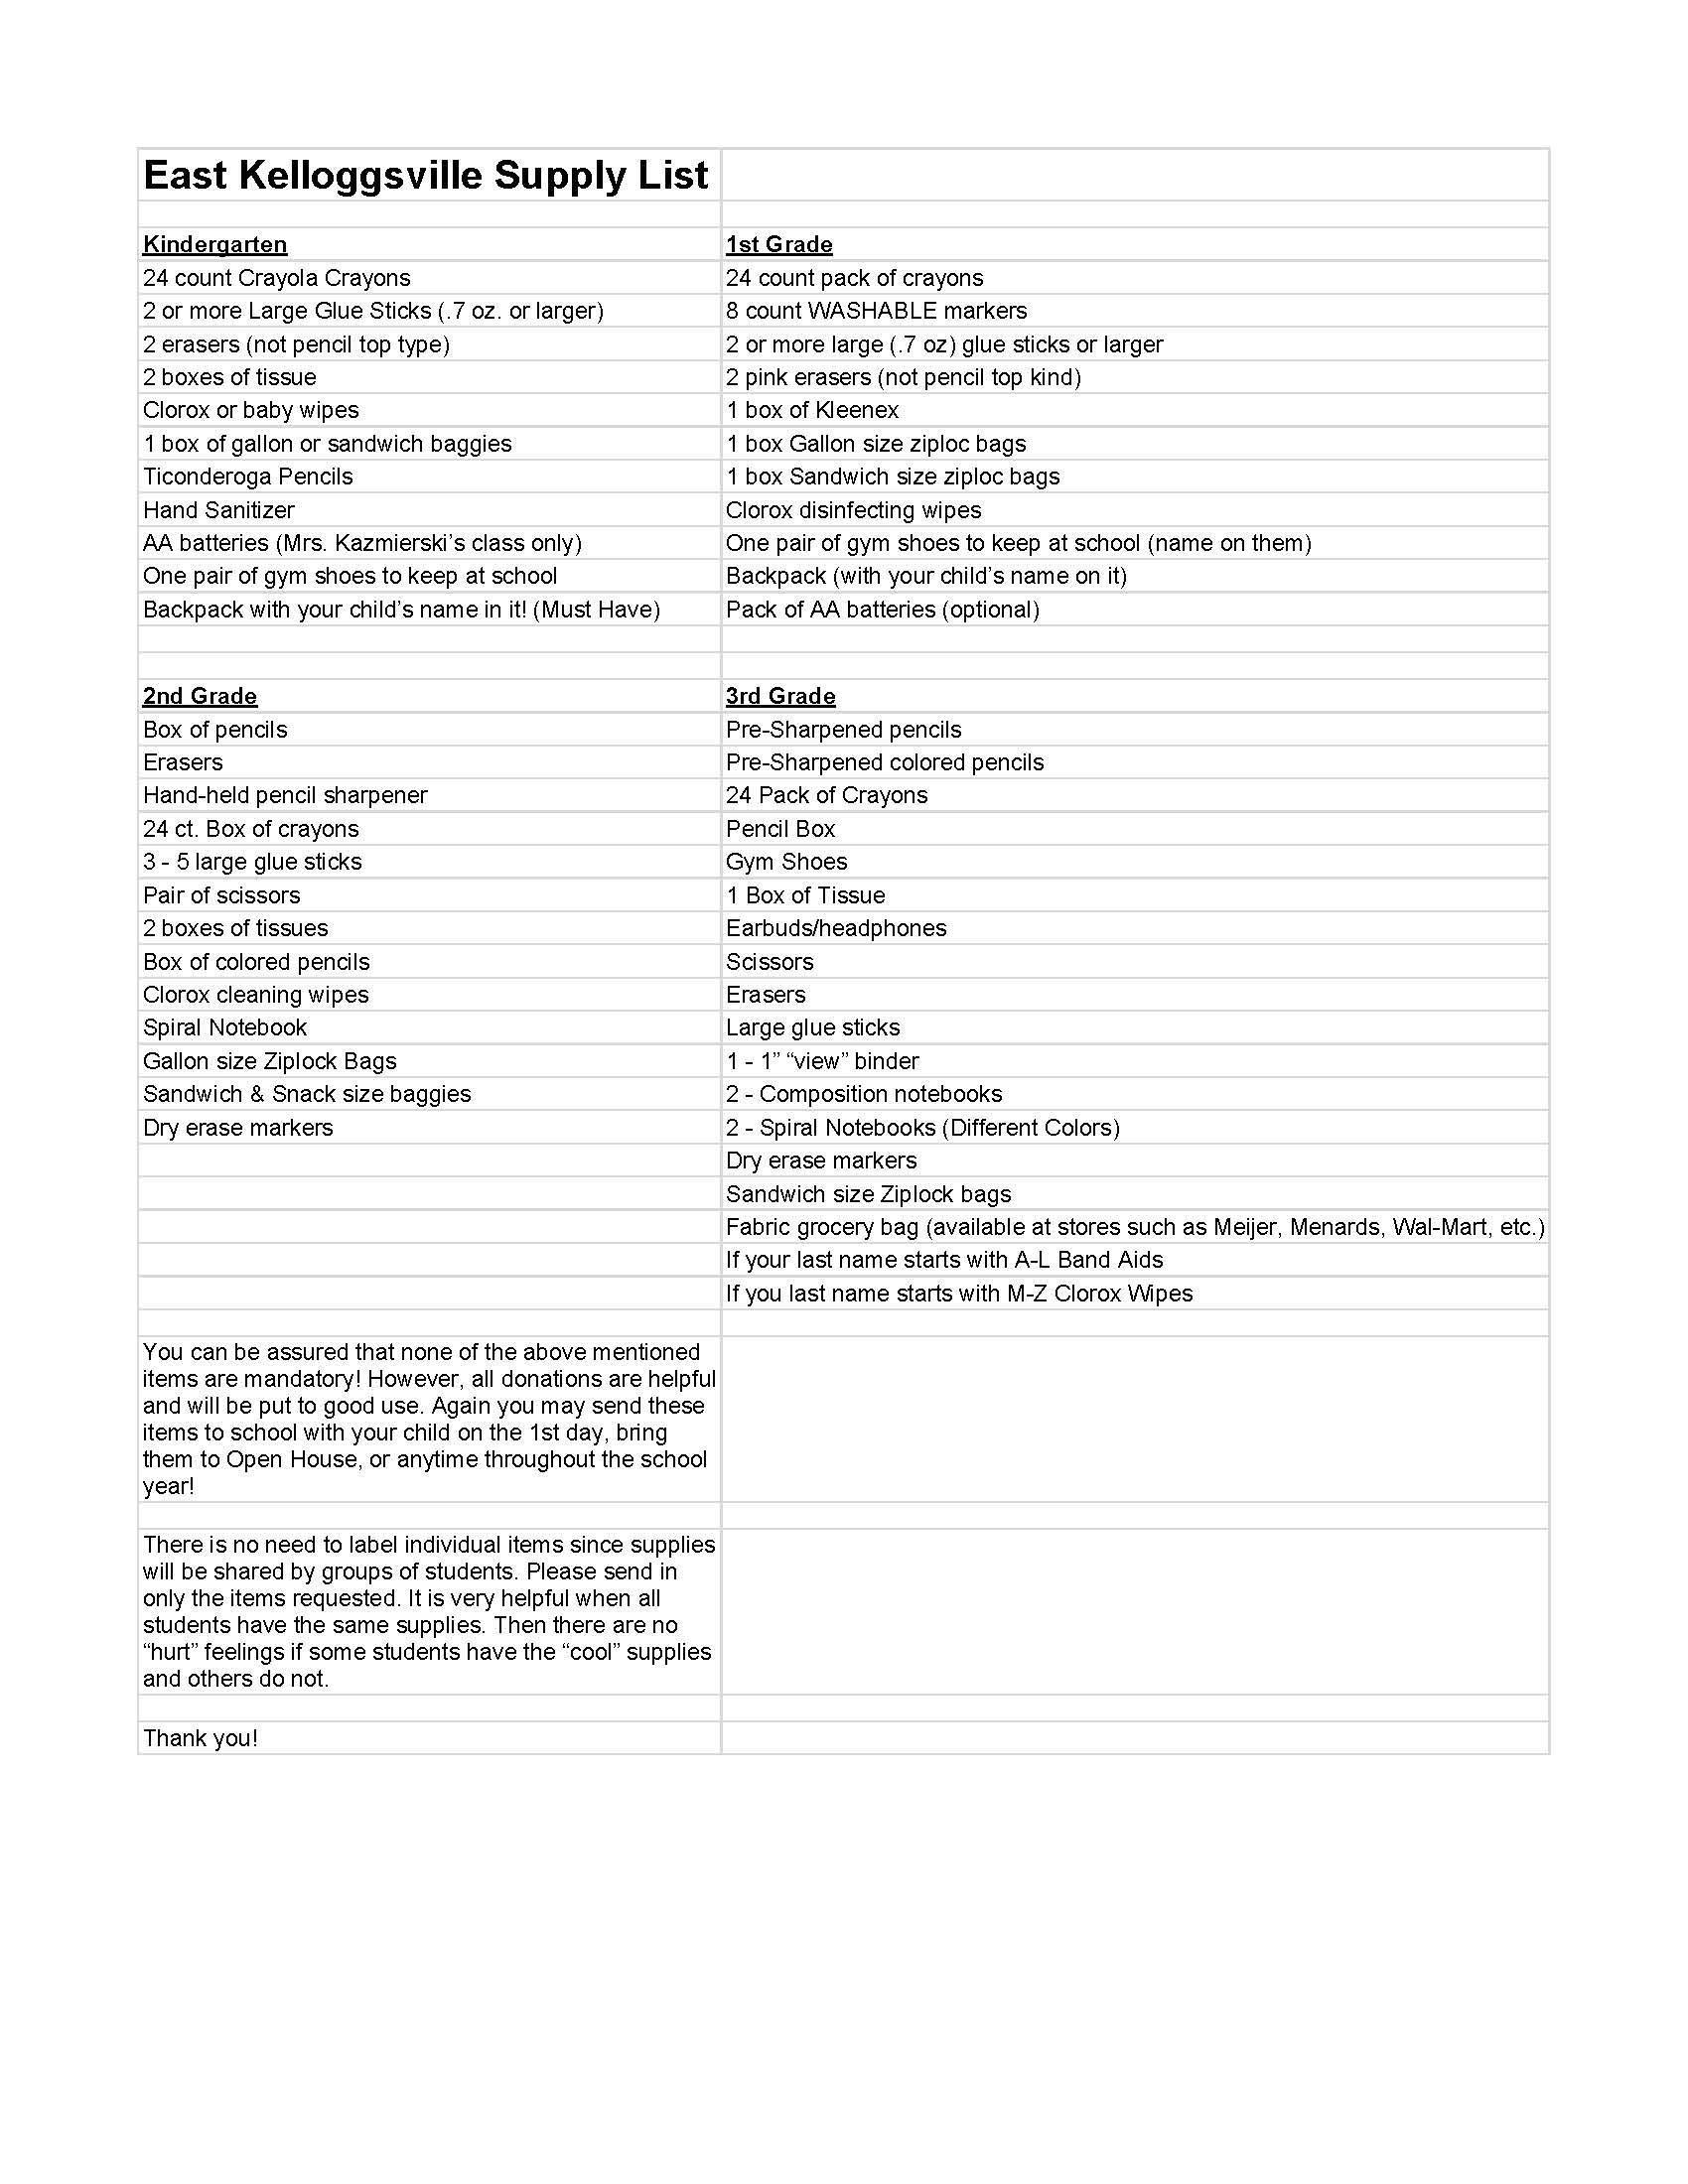 East Supply List